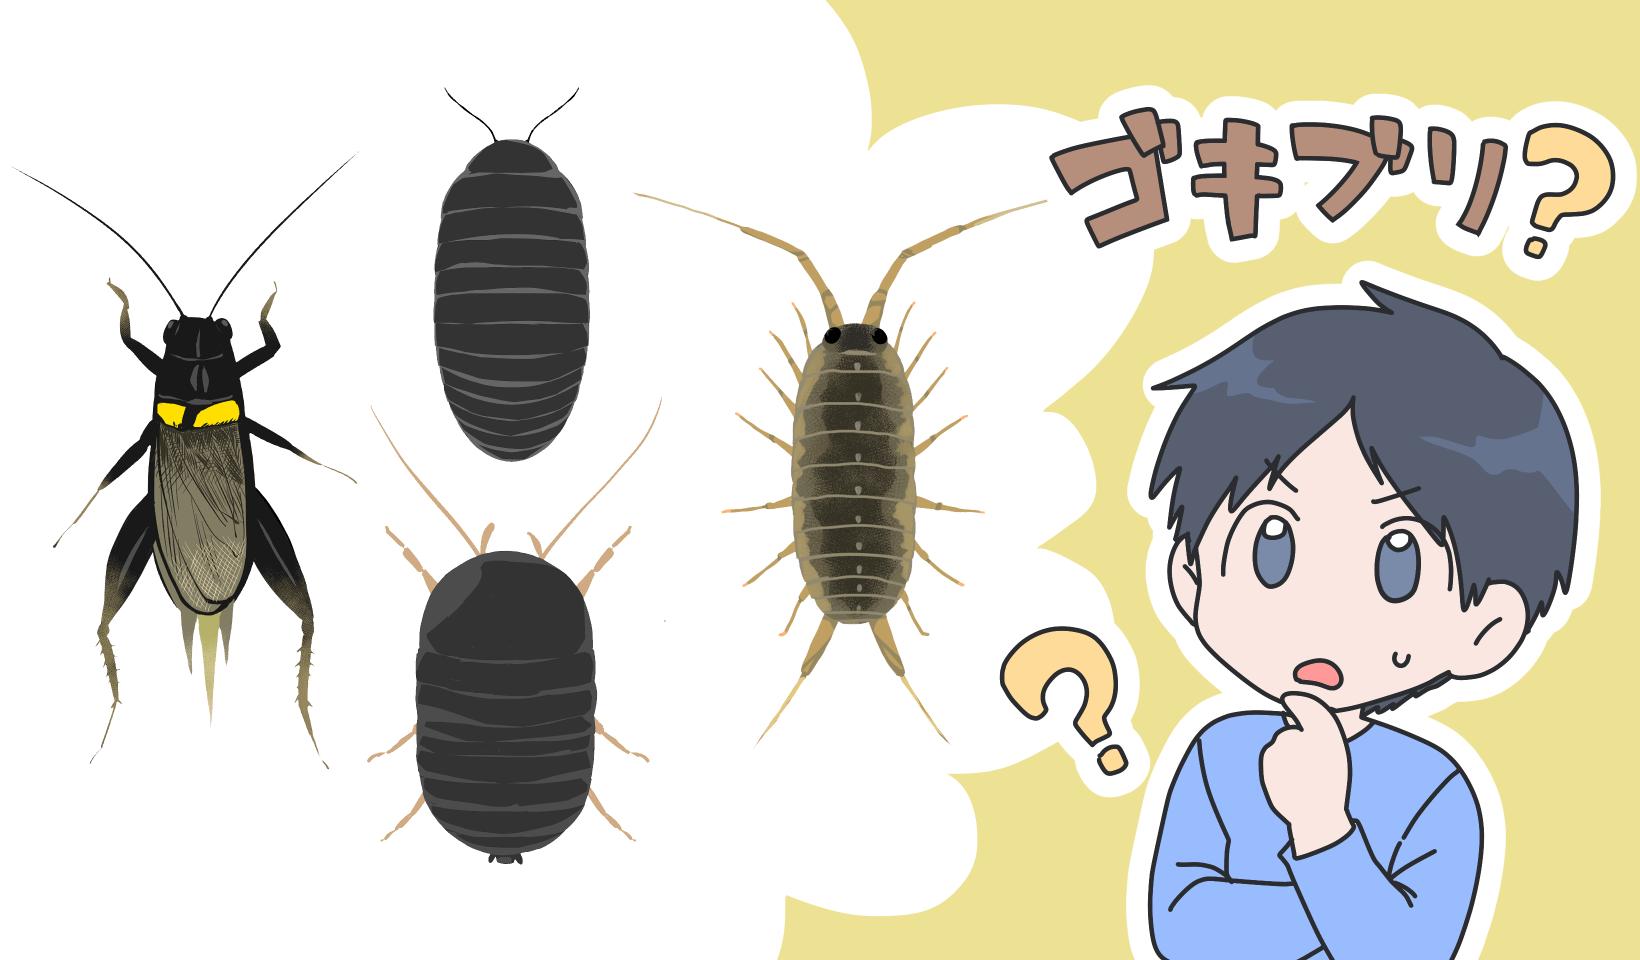 ゴキブリに似ている虫について考えている男性